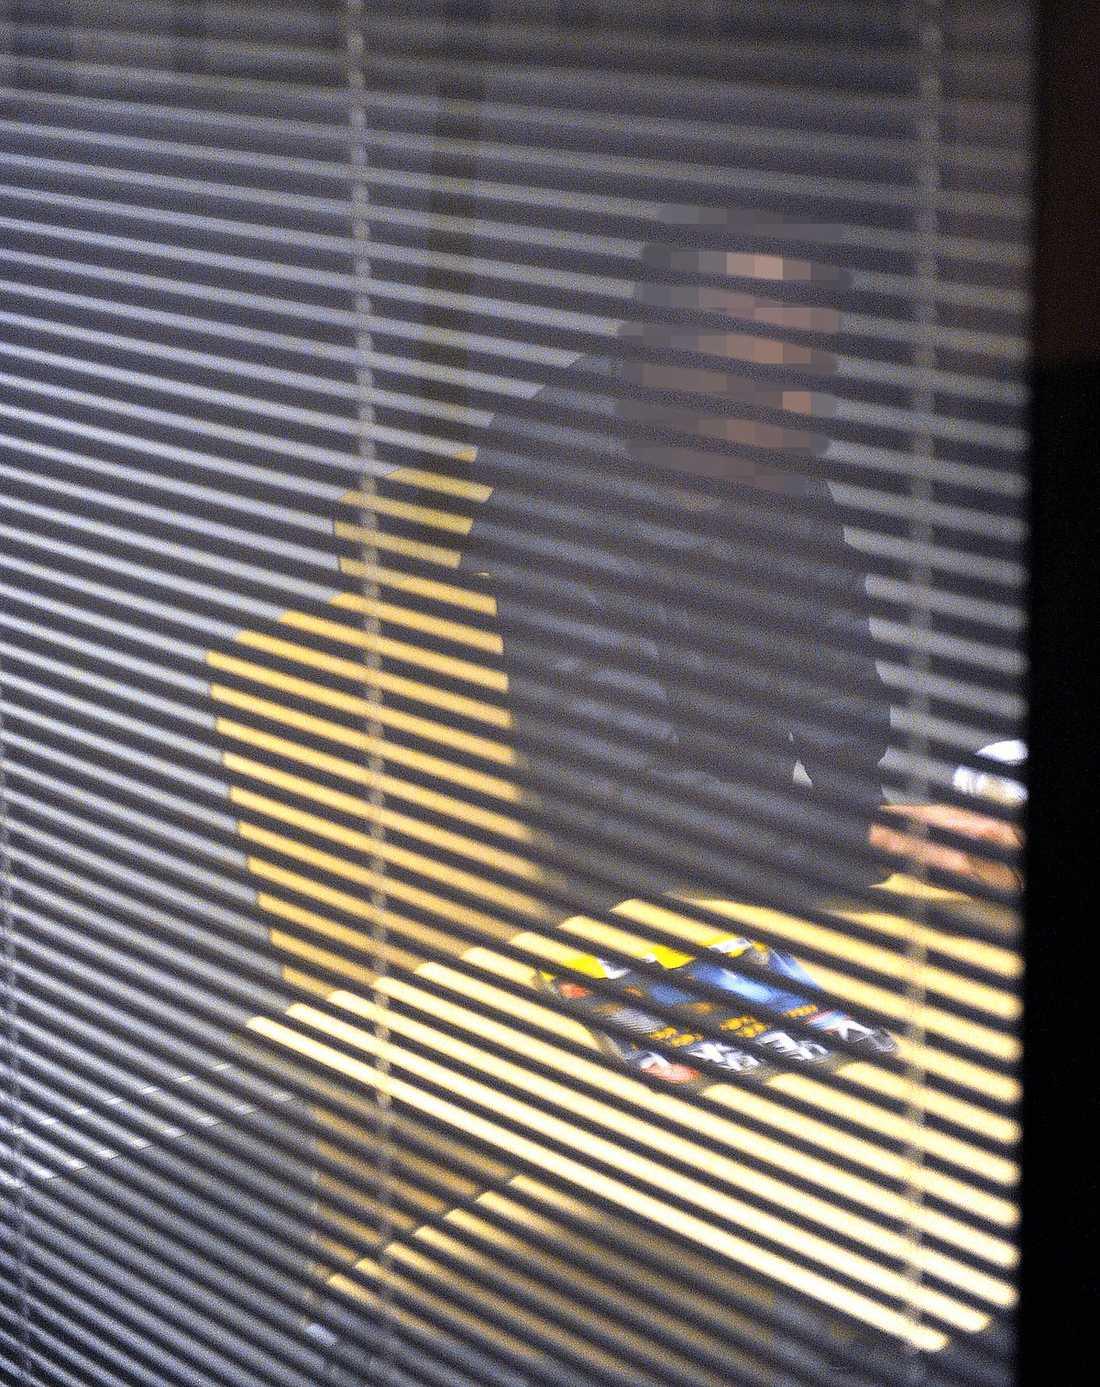 Åklagare, spaningsledning och mannens advokat var närvarande vid det sista, omfattande förhöret. 52-åringen ställdes inför nya starka bevis. Bland annat att polisen hittat blod som tillhör Eva i hans lägenhet och att hans fingeravtryck och dna säkrats på plastsäckarna med kroppsdelar. Universitetschefen fortsatte dock att neka till alla anklagelser. (Bild från ett tidigare tillfälle.)